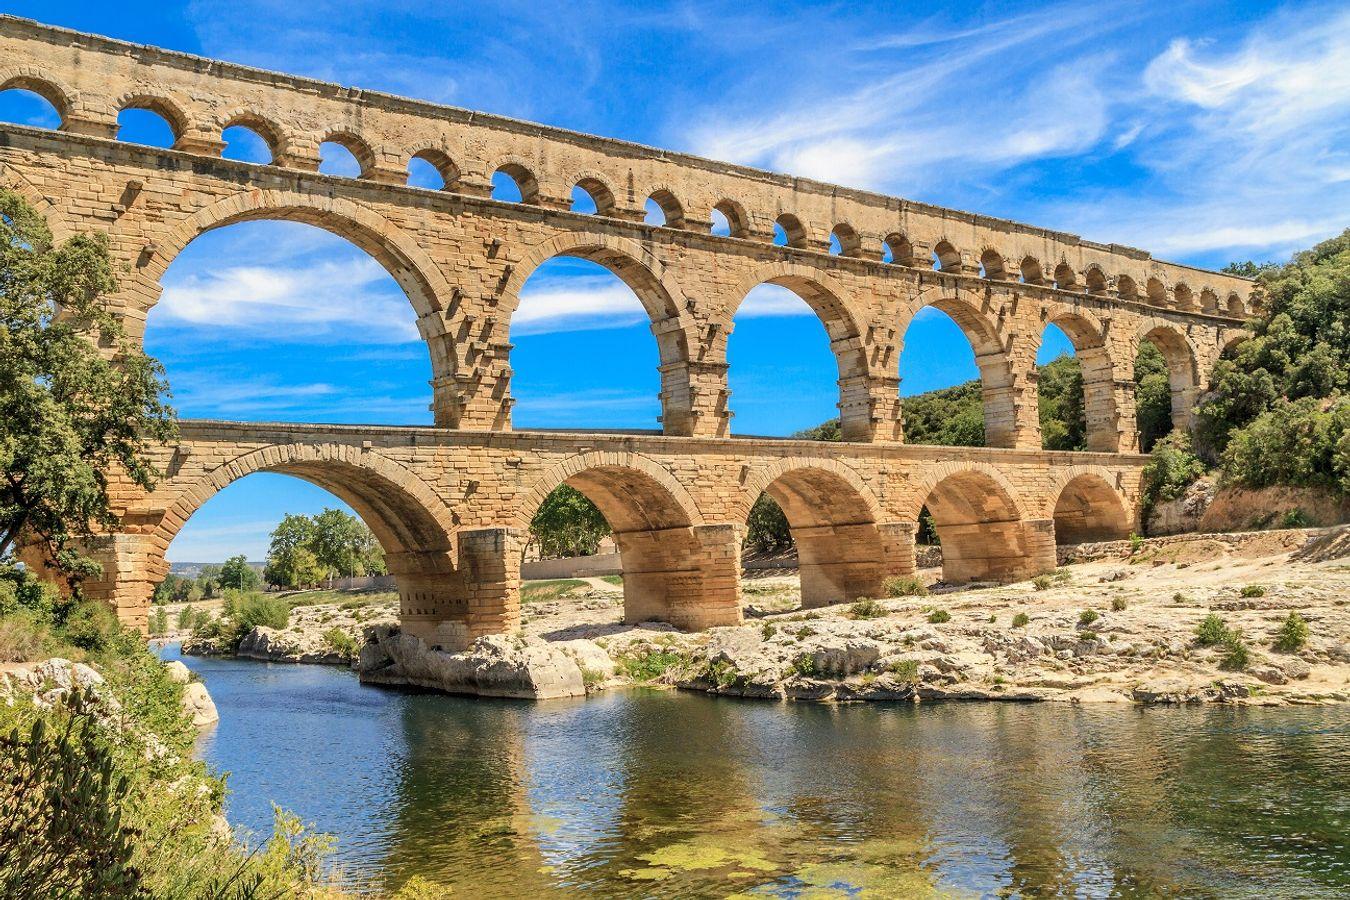 Gestion du patrimoine ouvrages d'art: la méthode du département du Gard